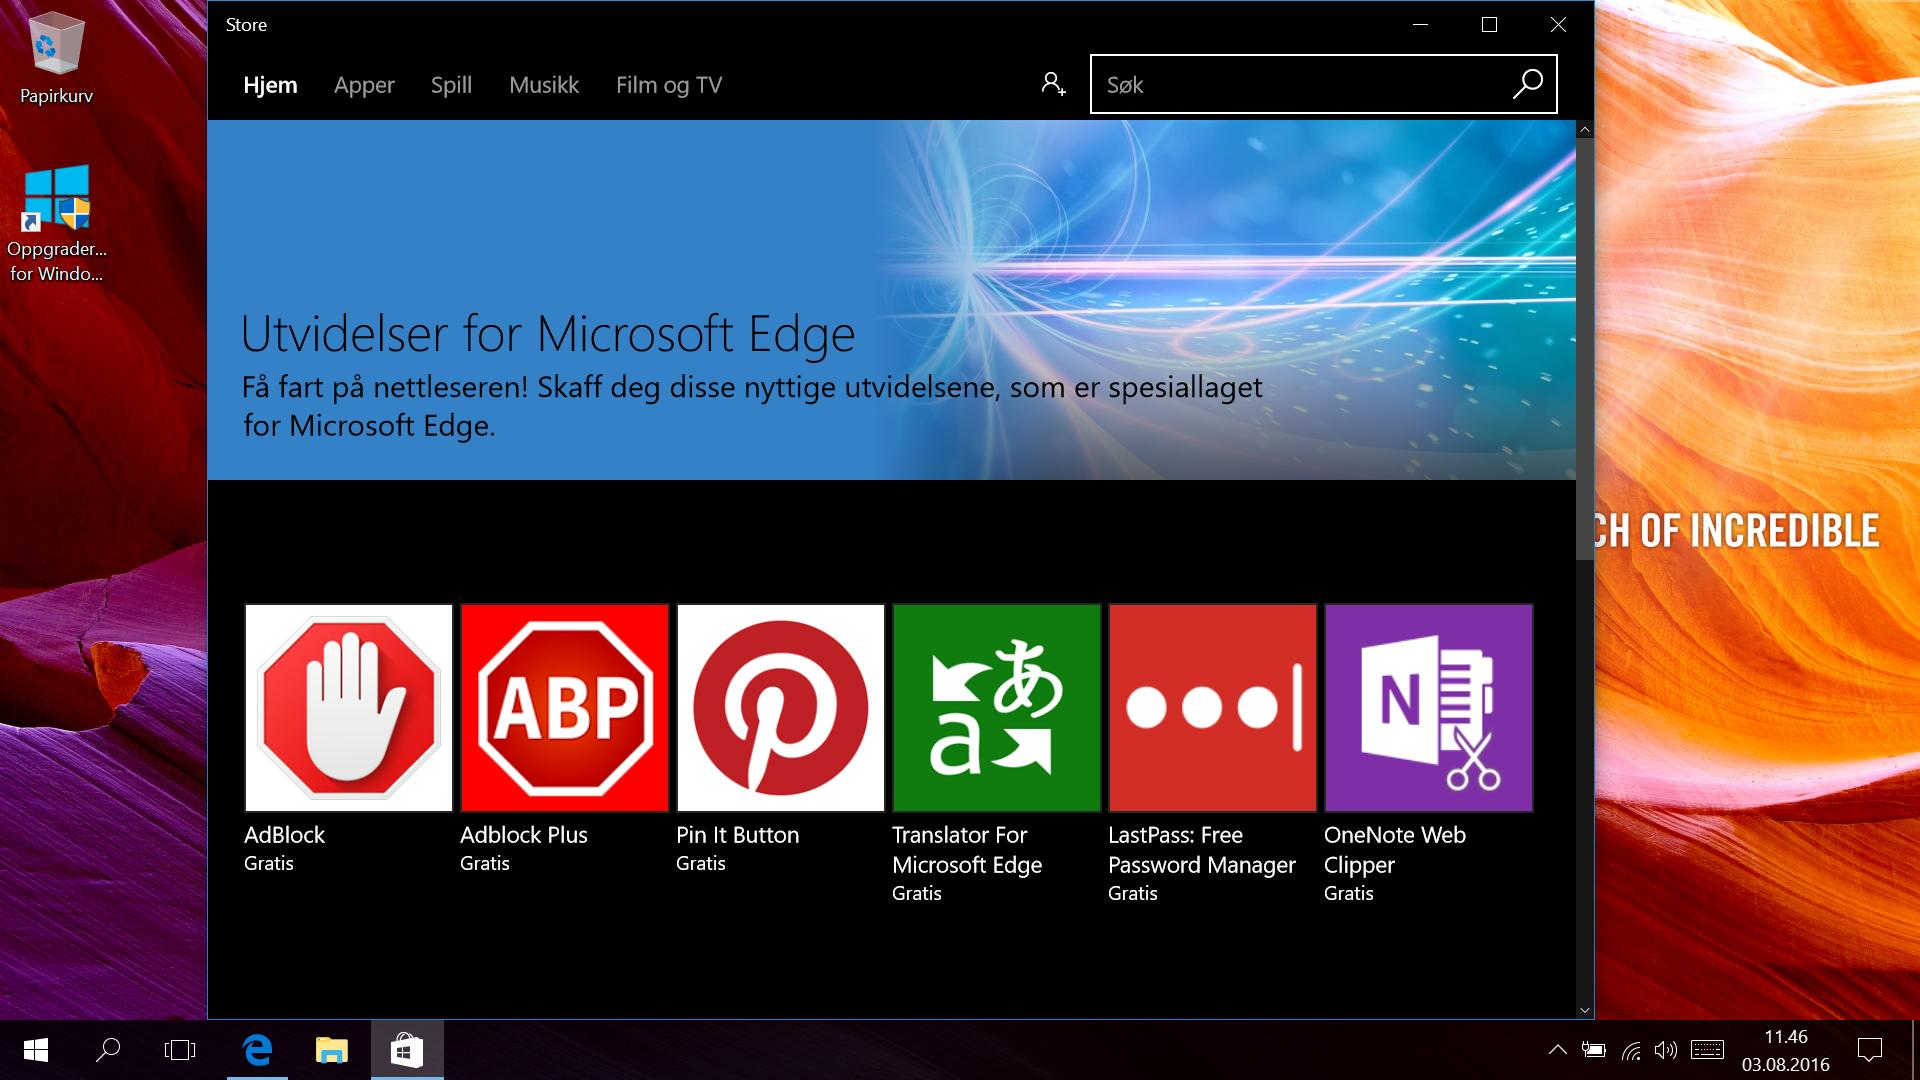 Endelig! Microsofts Edge-nettleser har nå støtte for utvidelser. Utvalget er litt begrenset nå i starten, men vi tipper det tar seg fort opp.